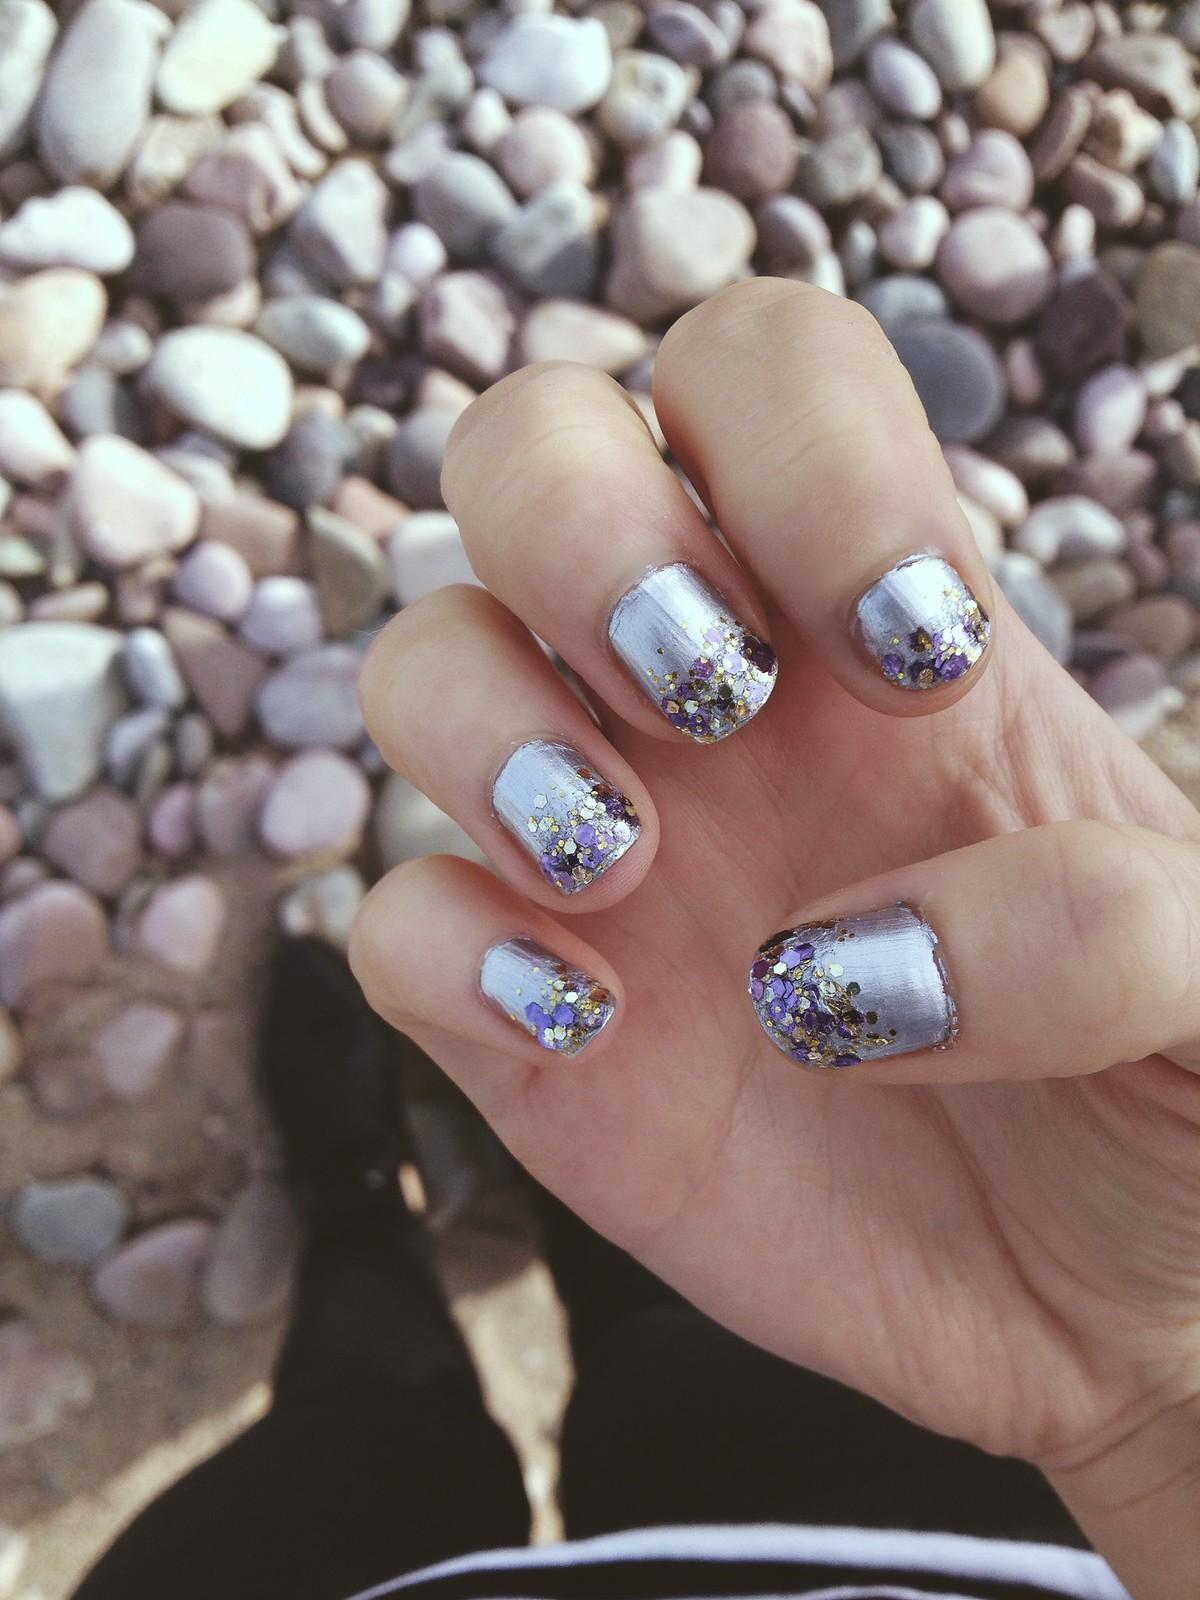 Glitter tip nails 5